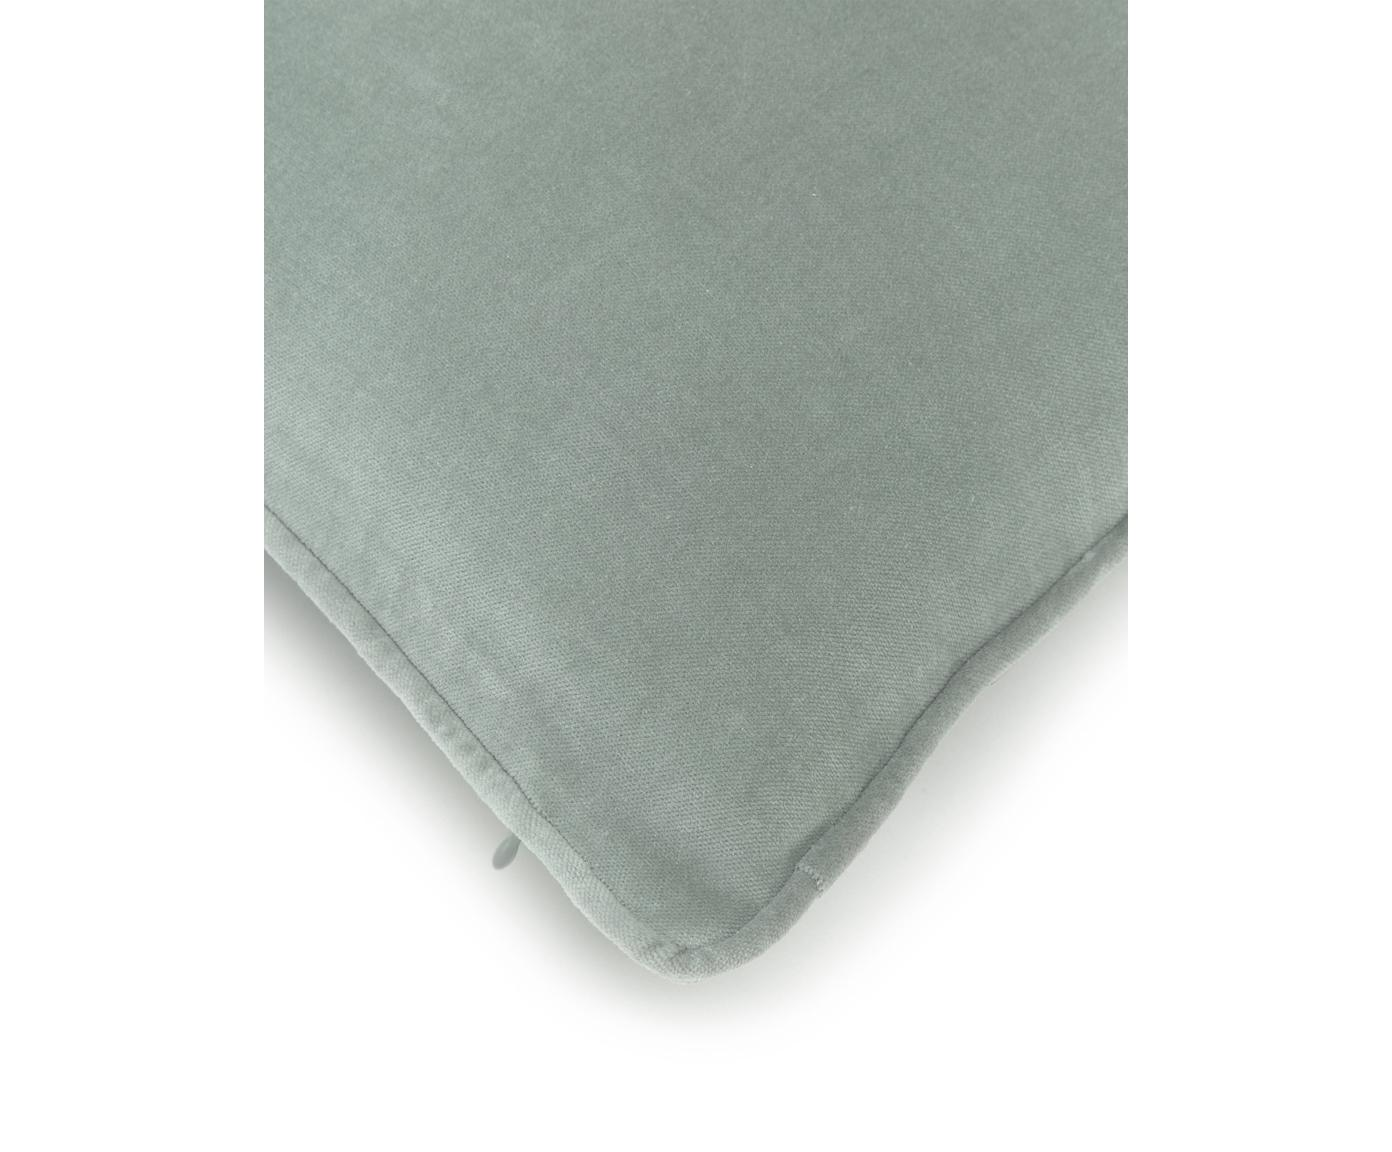 Poszewka na poduszkę z aksamitu Dana, Aksamit bawełniany, Szałwiowy zielony, S 30 x D 50 cm